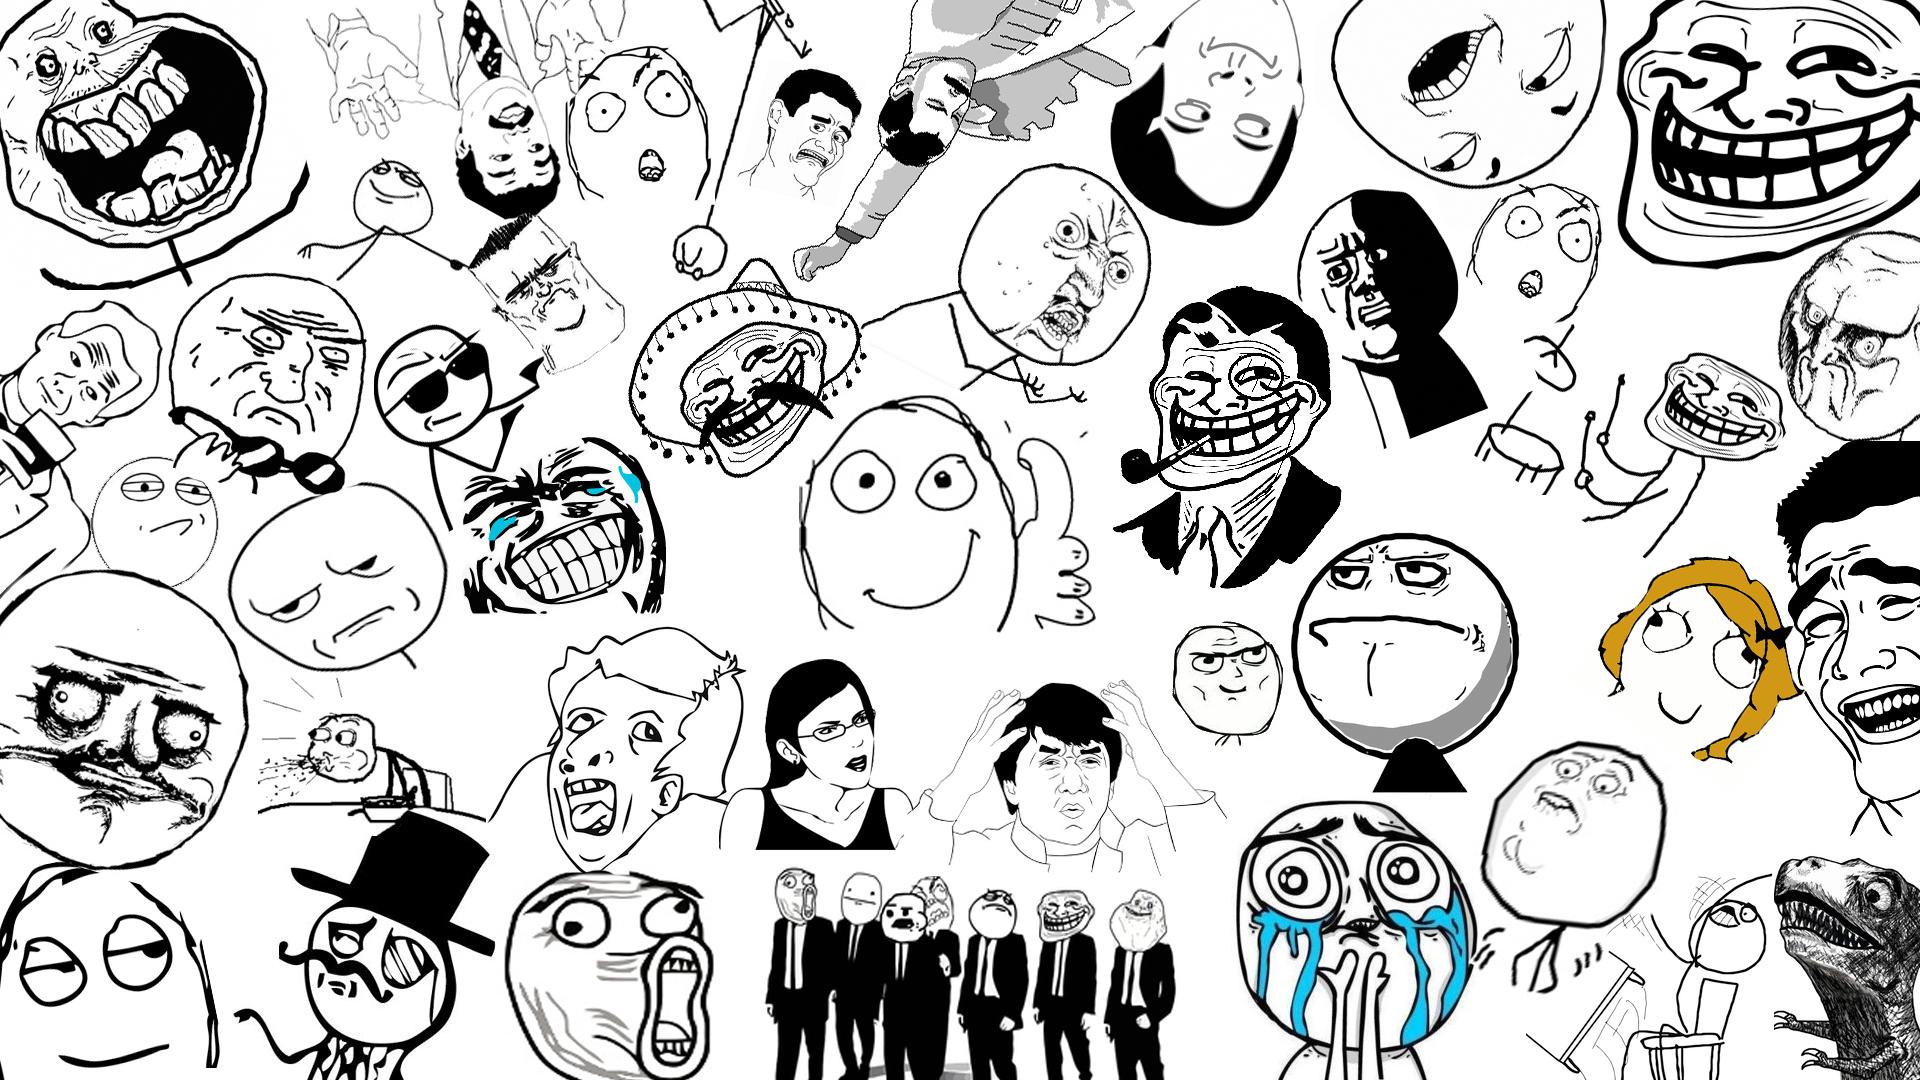 صور مضحكة جدا جدا تفطس من الضحك (2)